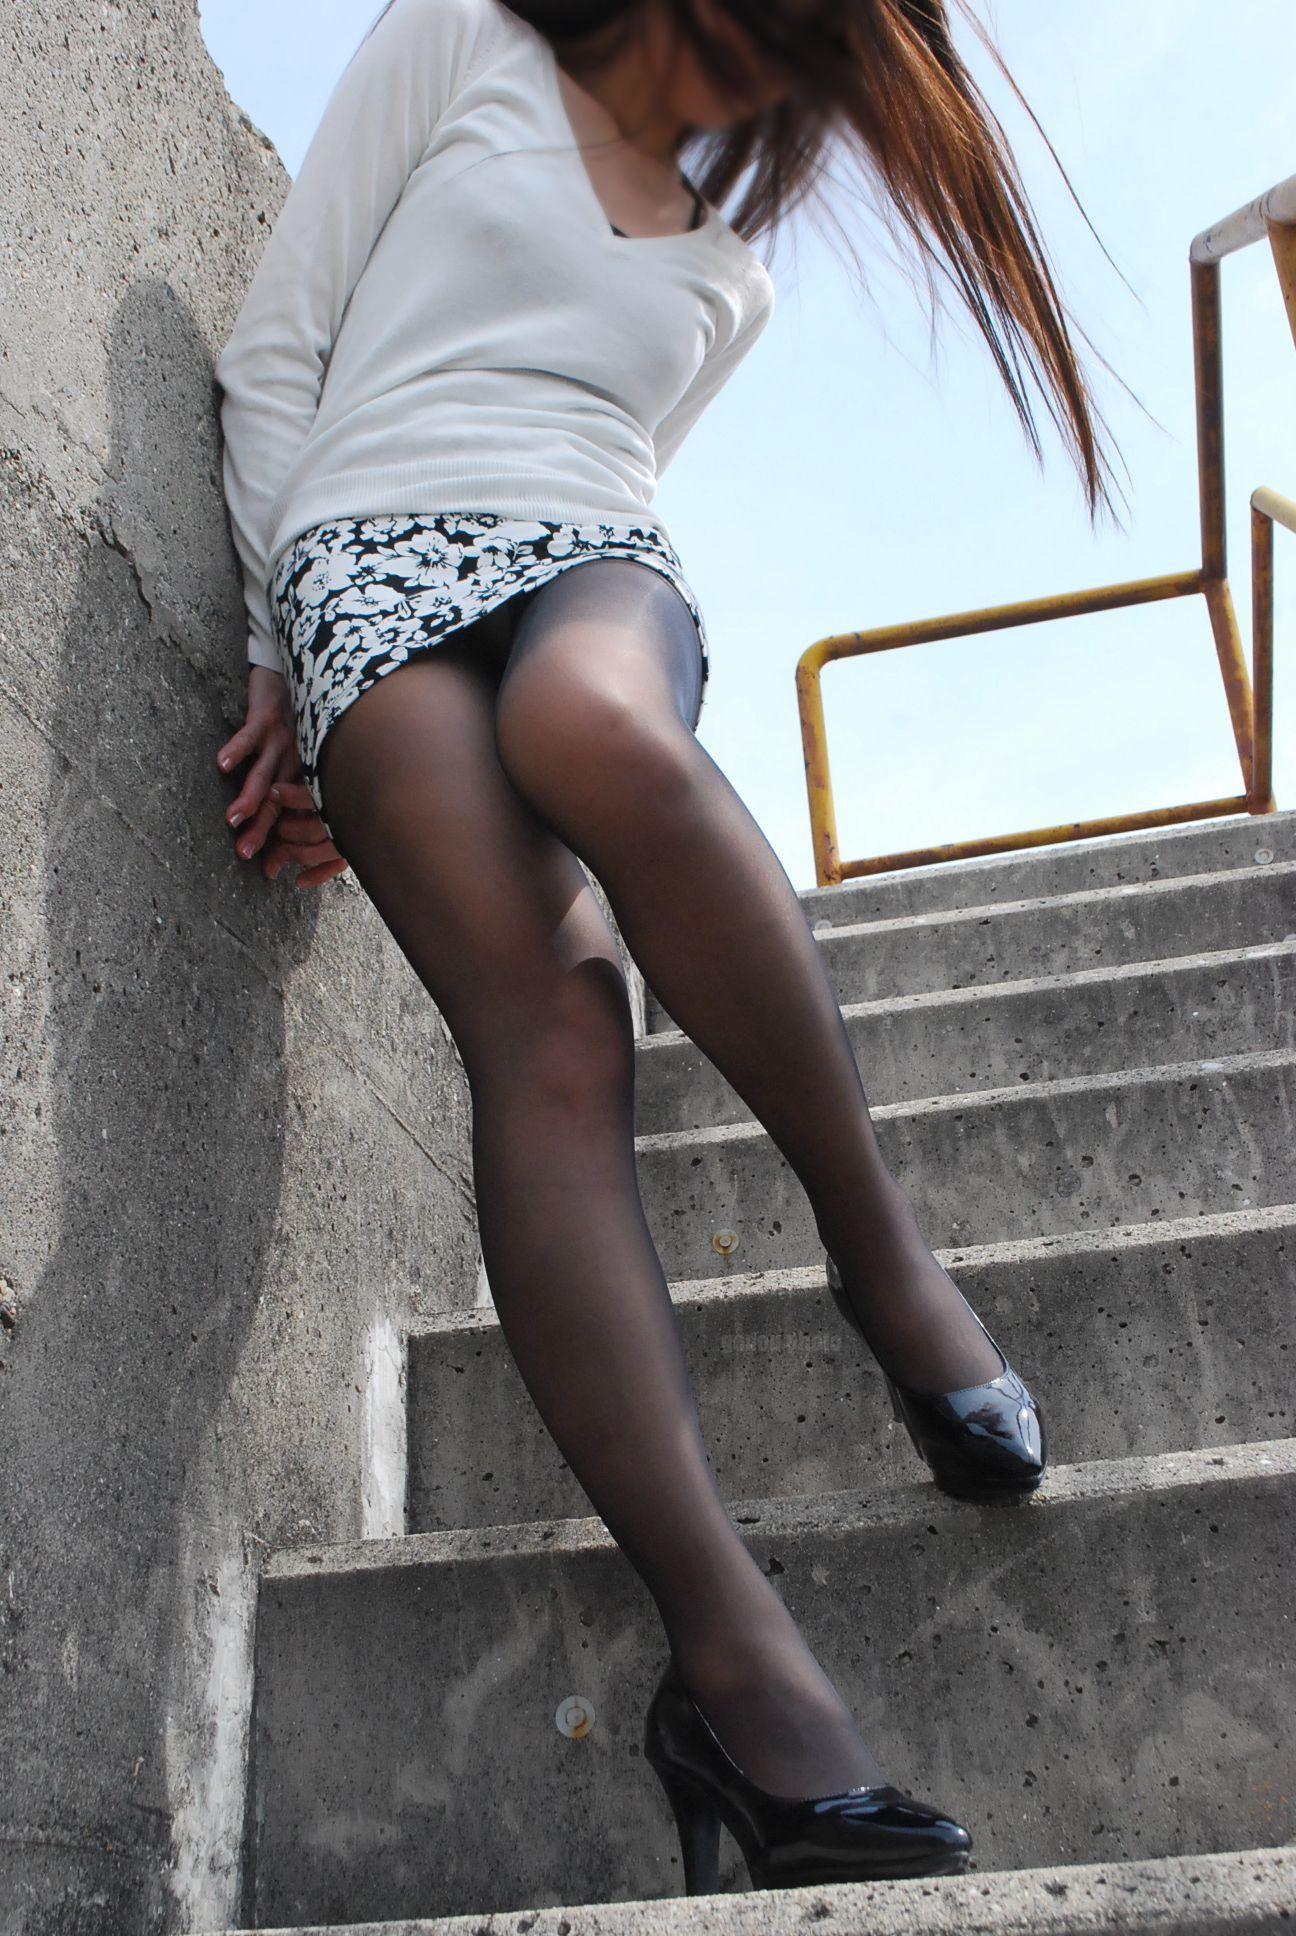 【ミニスカエロ画像】街で見かけたらパンチラの予感を回避できないタイトのミニスカ姿  09